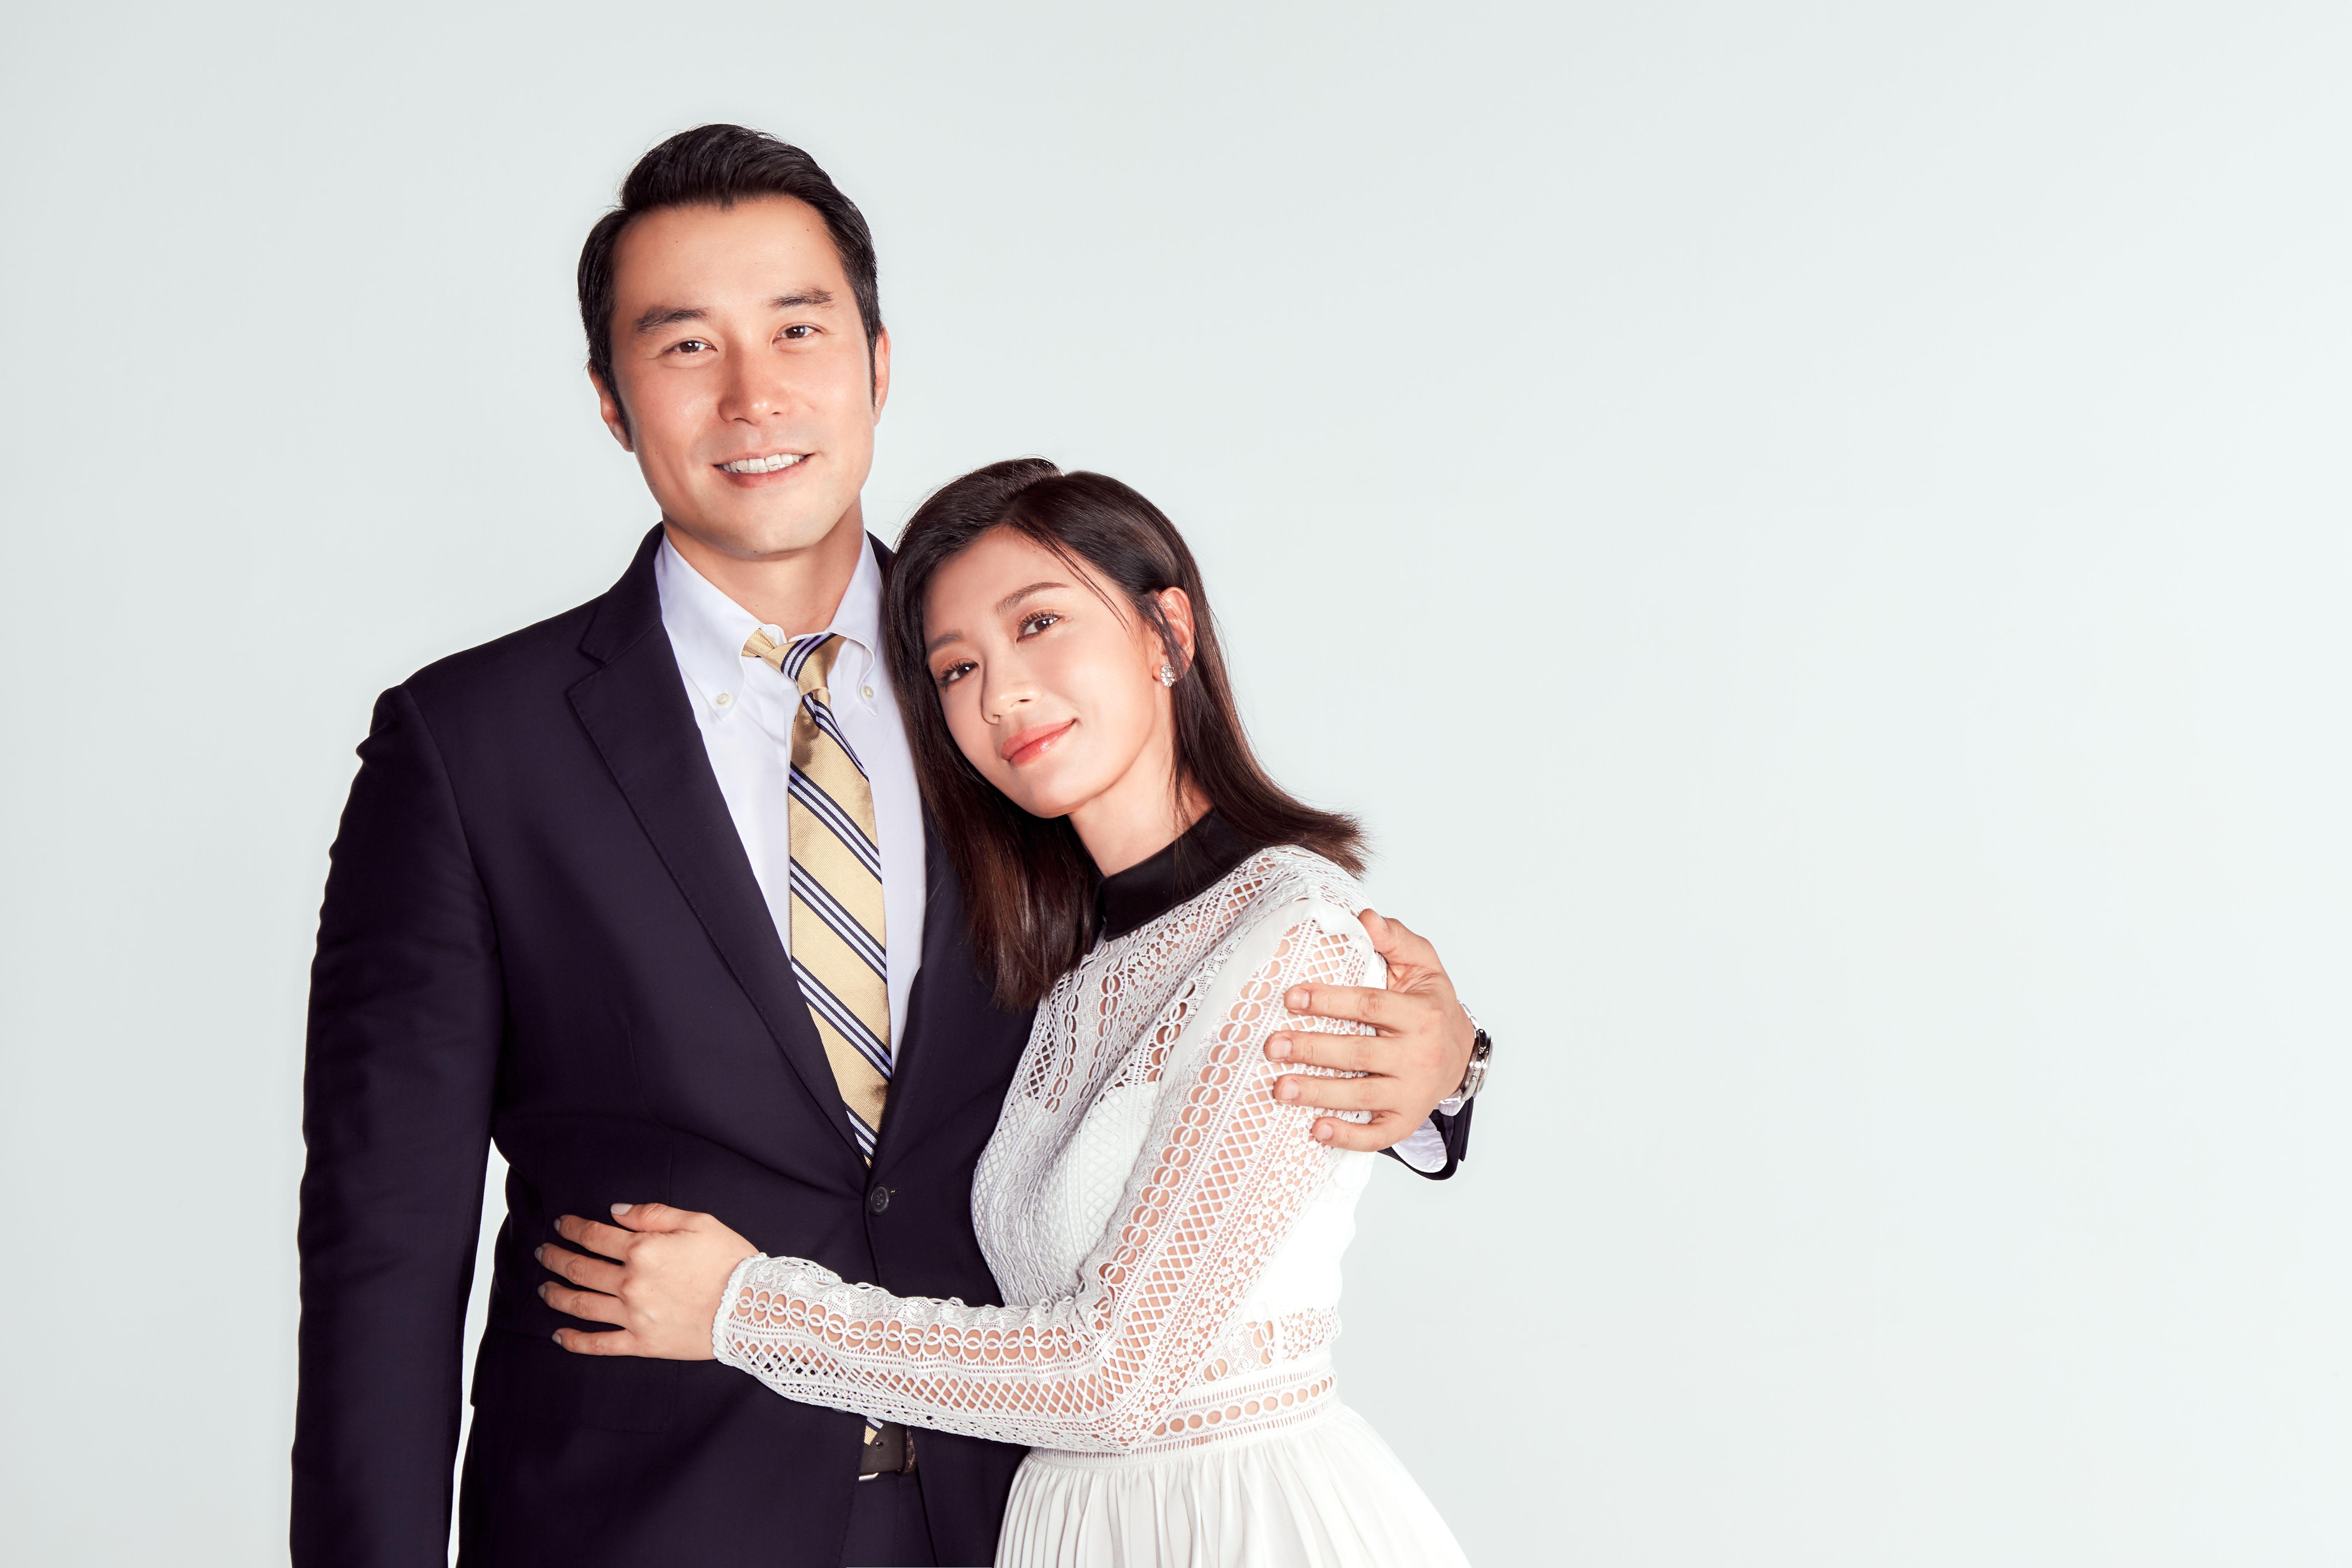 孝全和靜雯雖然是首度合作,但由於劇集是順着劇本拍,他們坦承很容易投入角色。